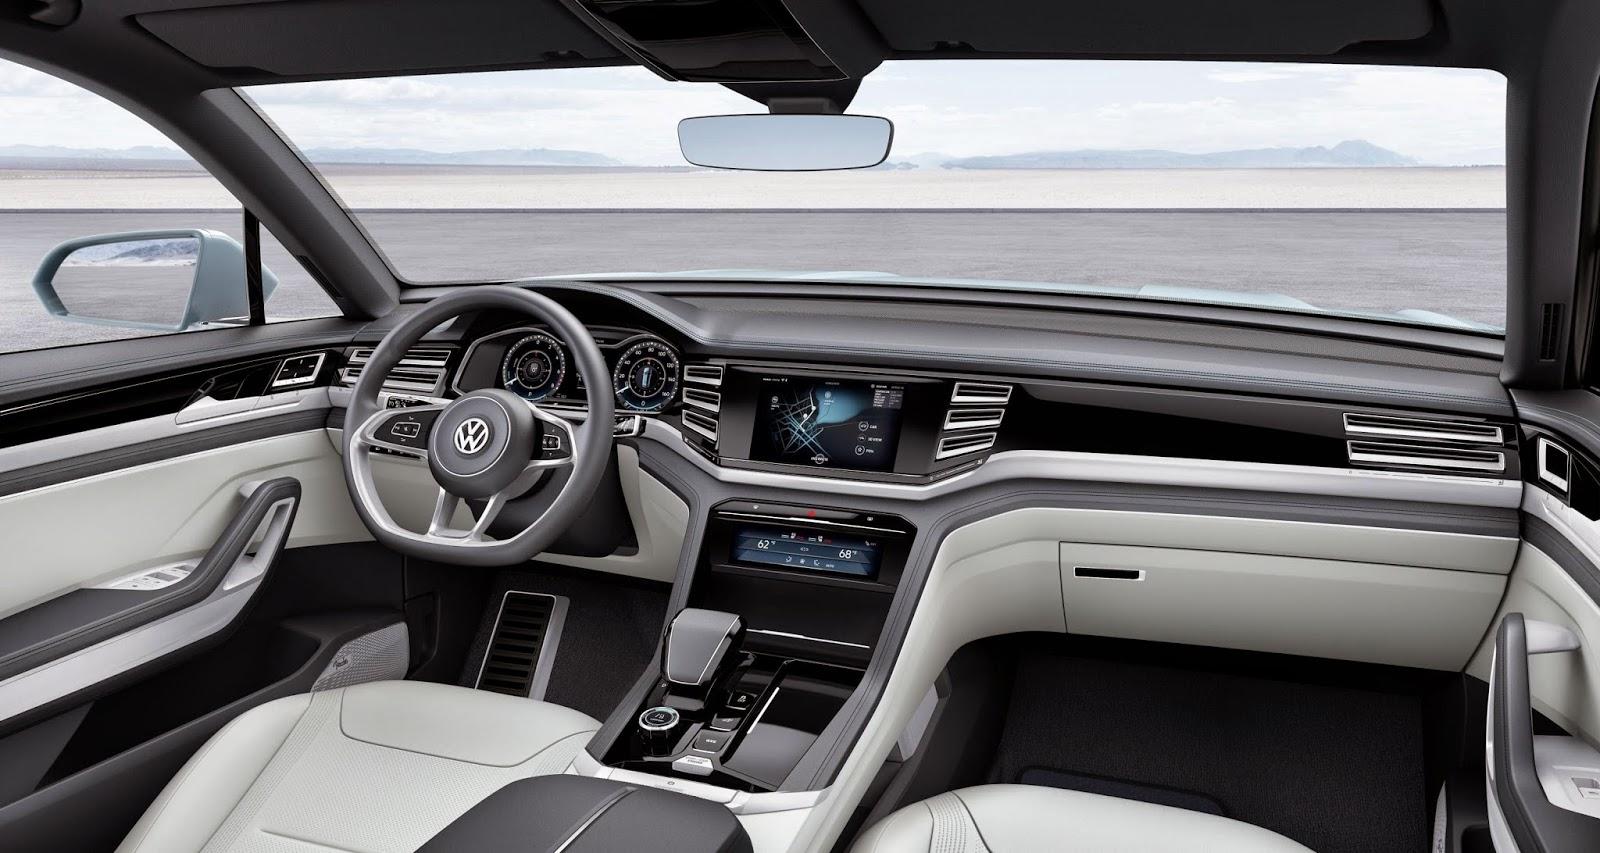 Volkswagen Cross coupe GTE interior